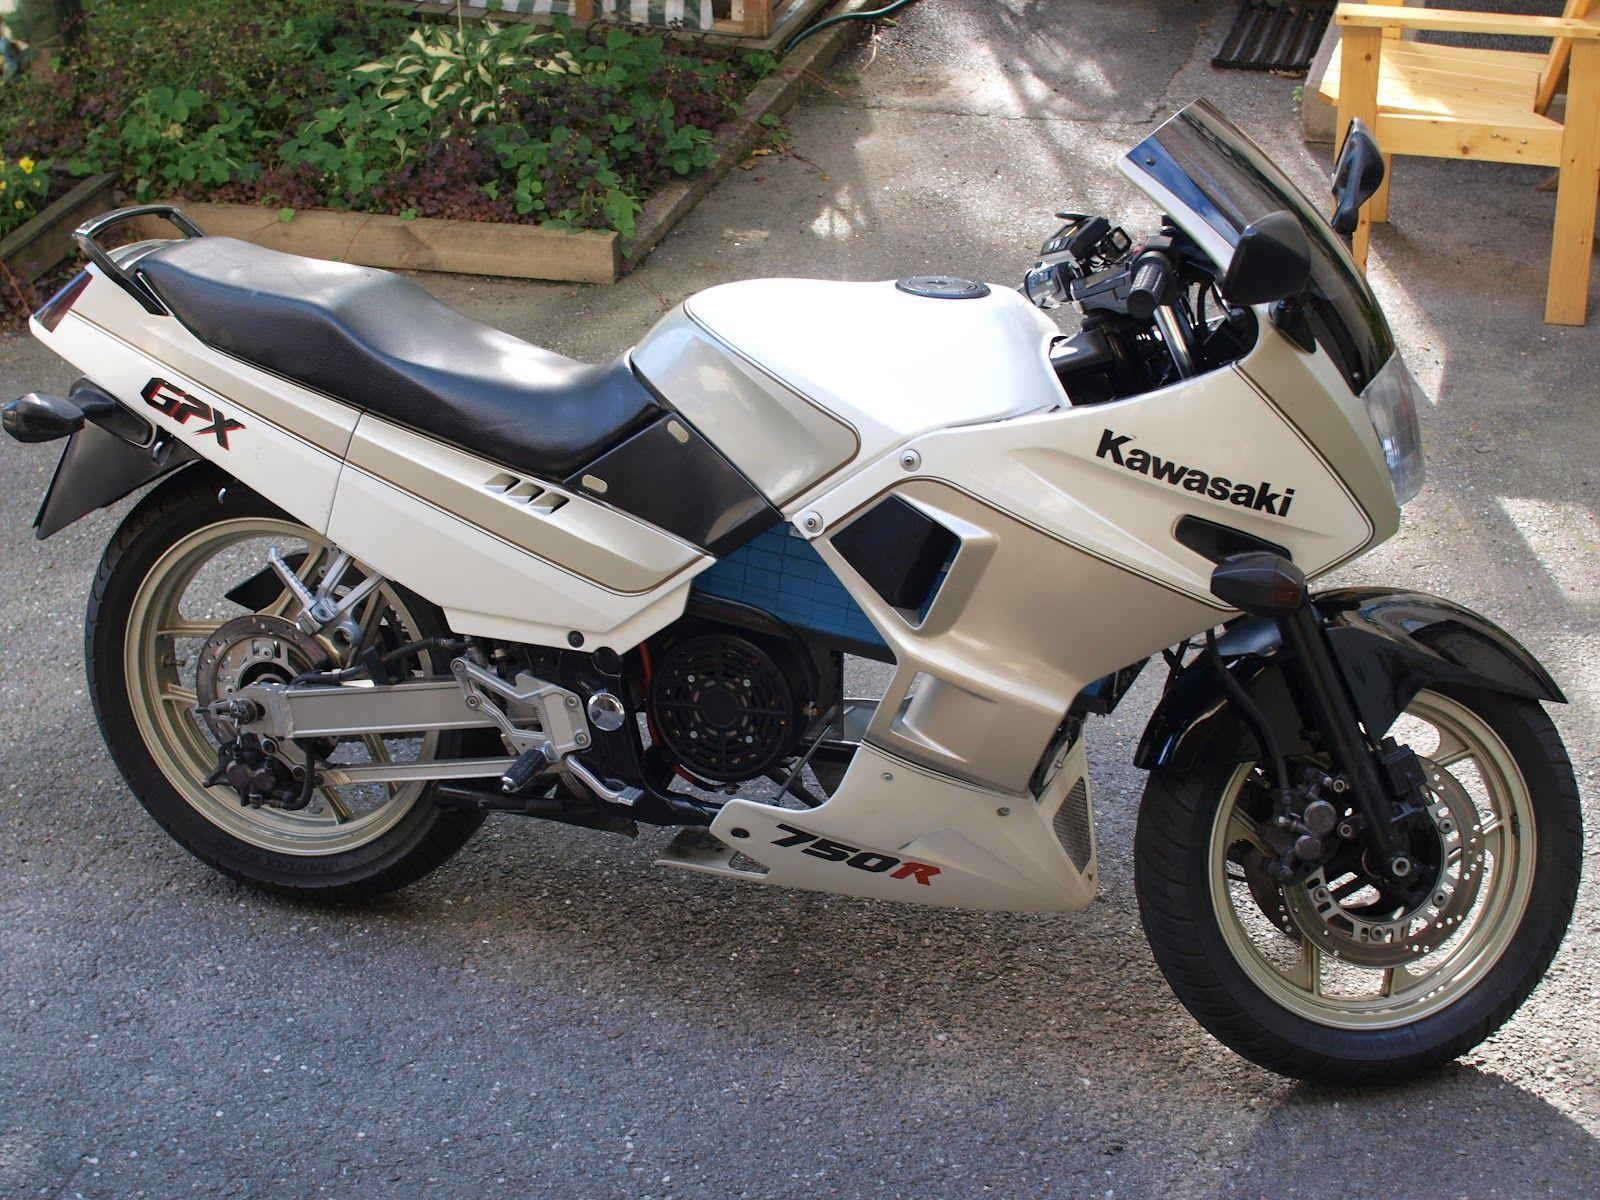 moto kawasaki gpx 750